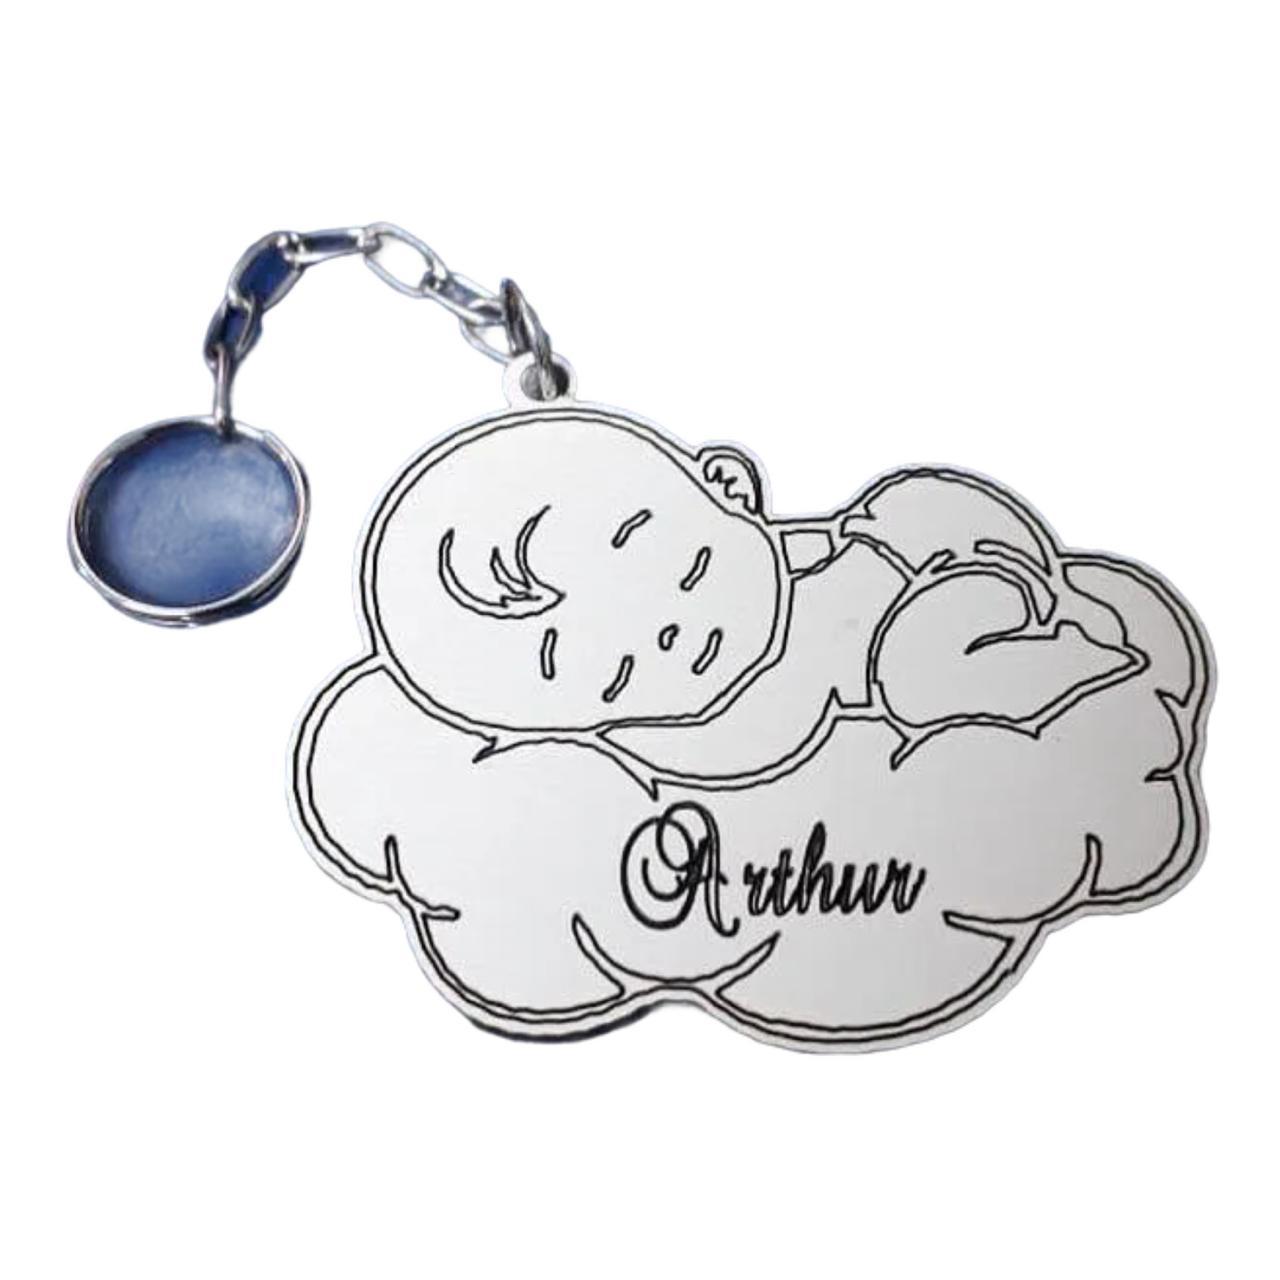 REF. 109 - Chaveiro Bebê dormindo Personalizado MDF Laminado